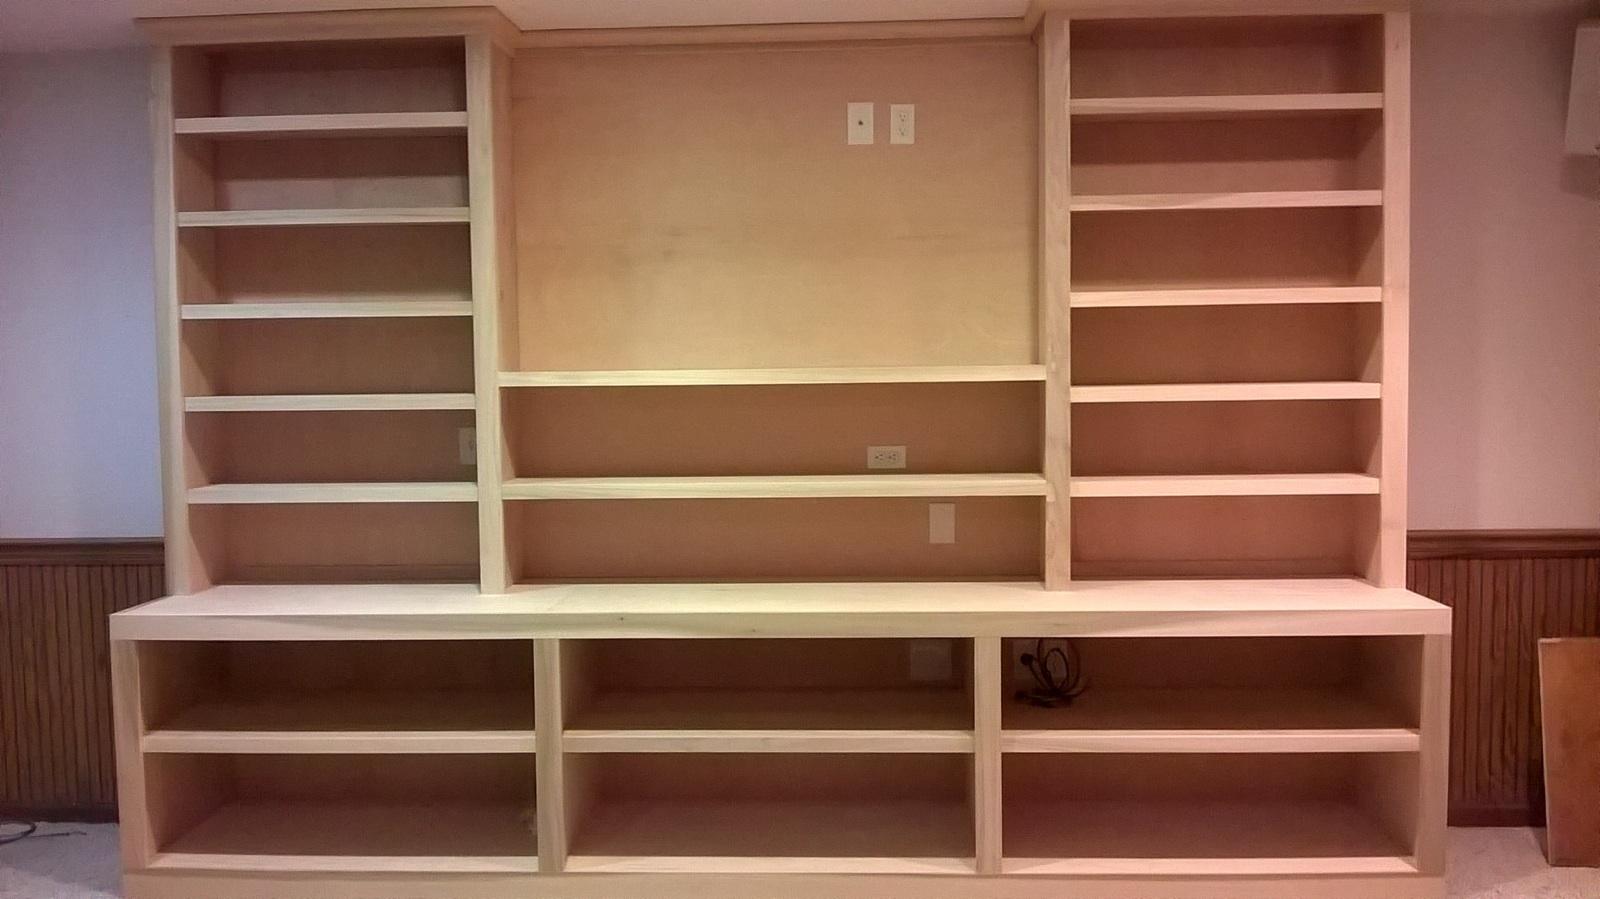 custom carpenter in columbus ohio built bookshelves and bookcases - Custom Built In Bookshelves